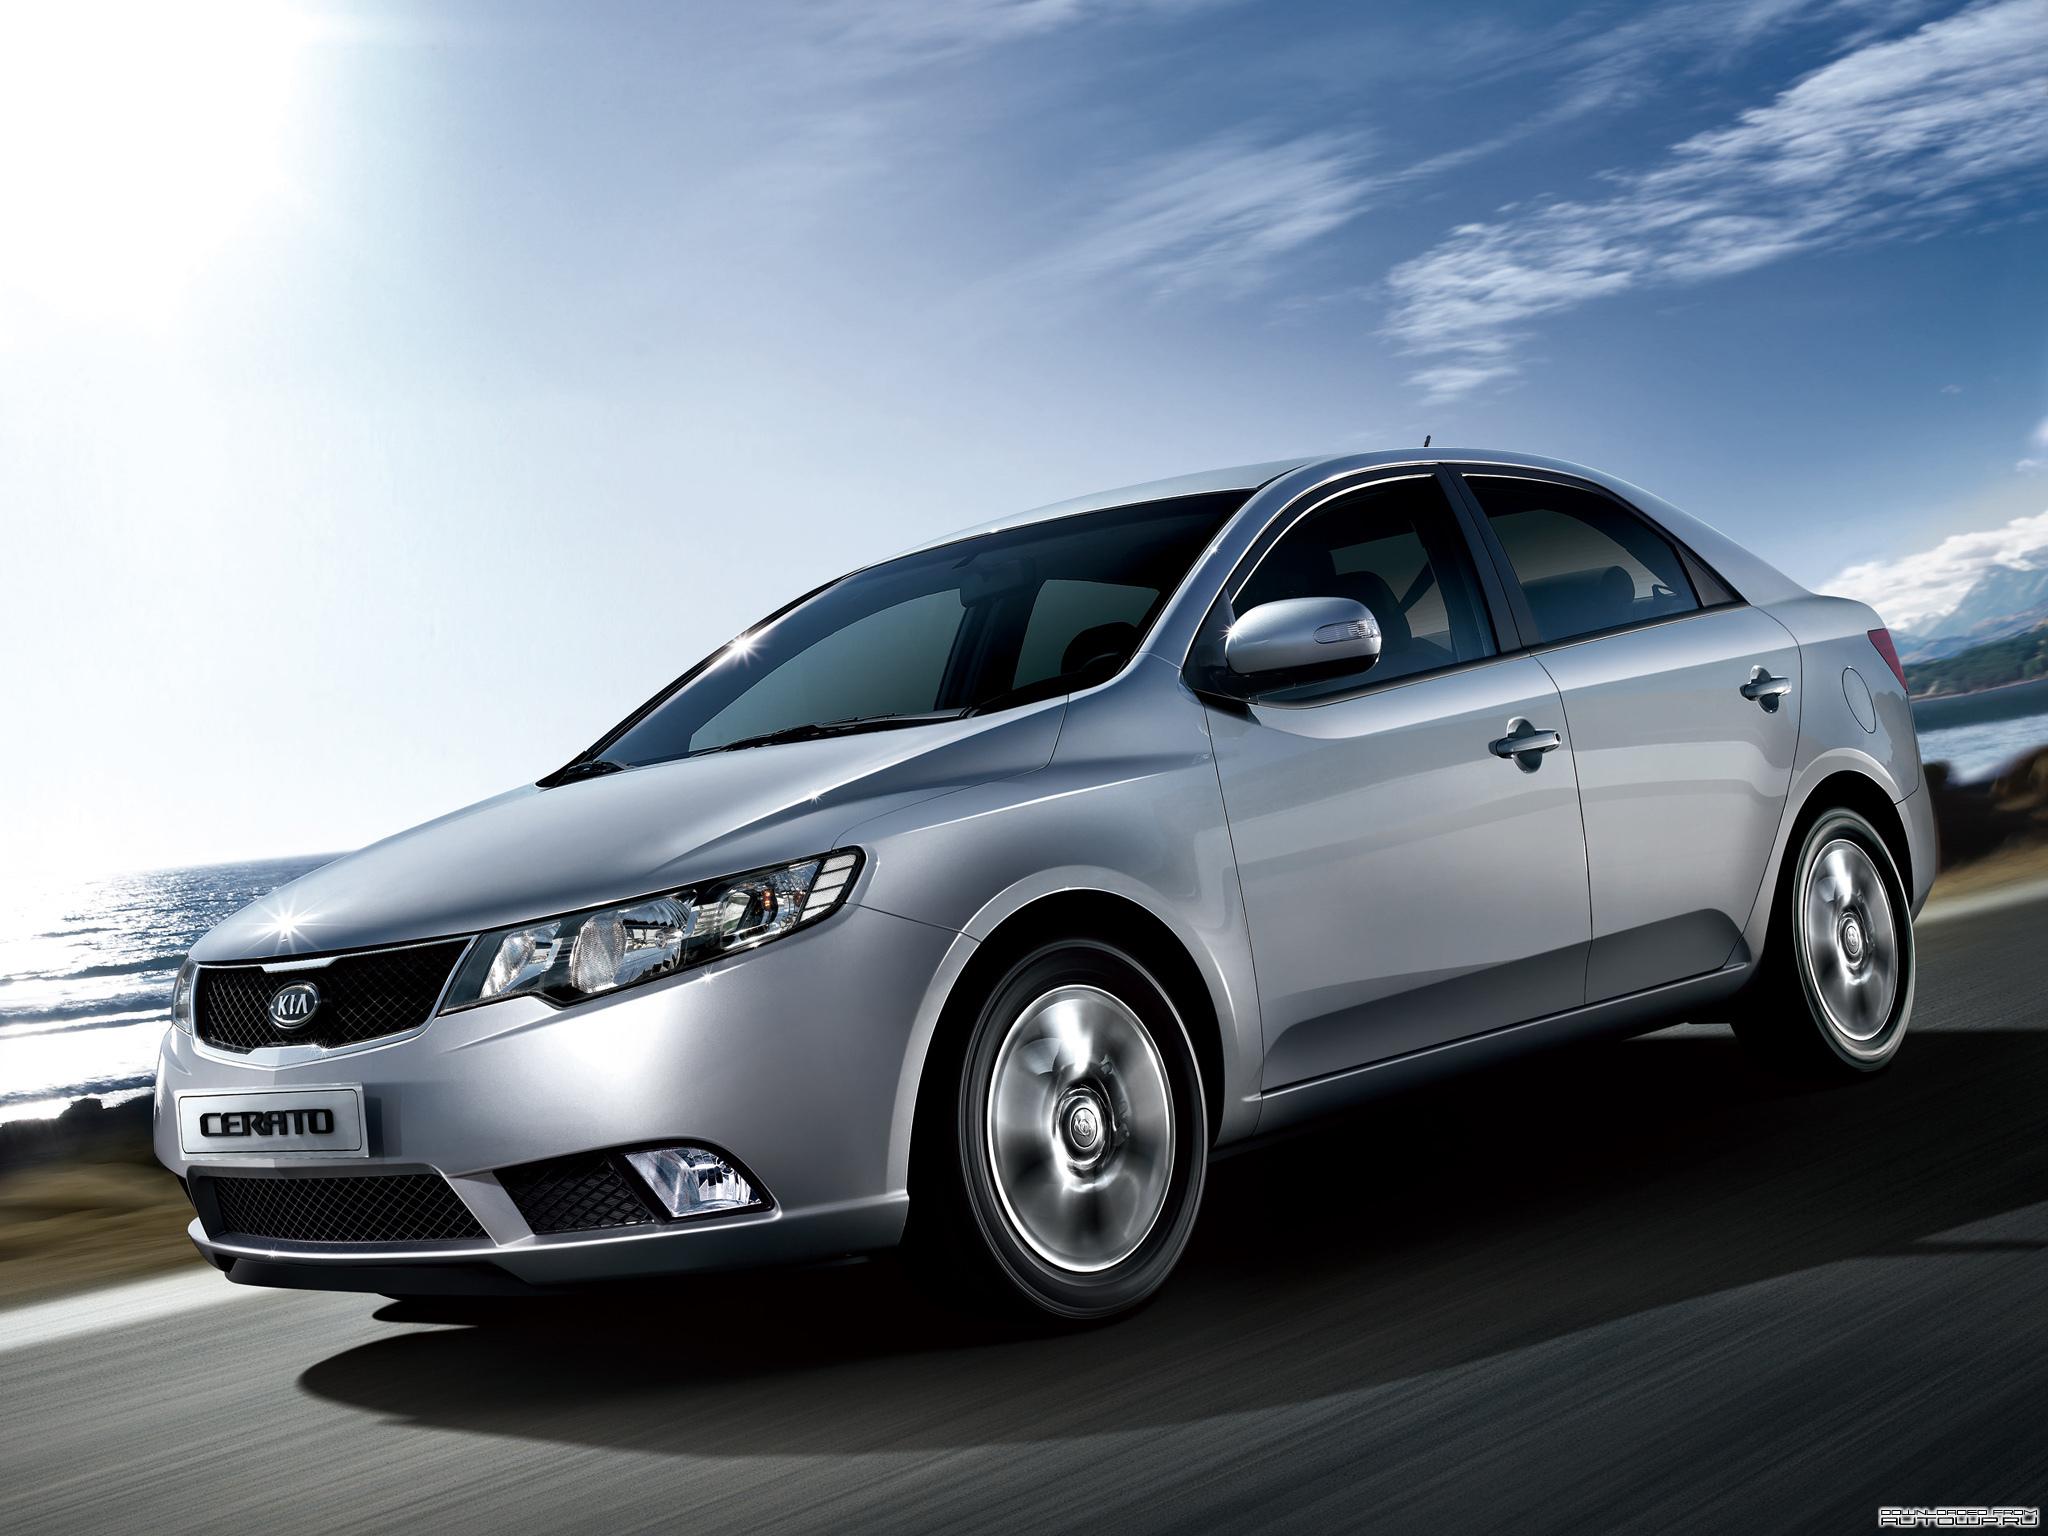 Kia Pode Atrasar Cerato Flex Para 2012  U2013 All The Cars